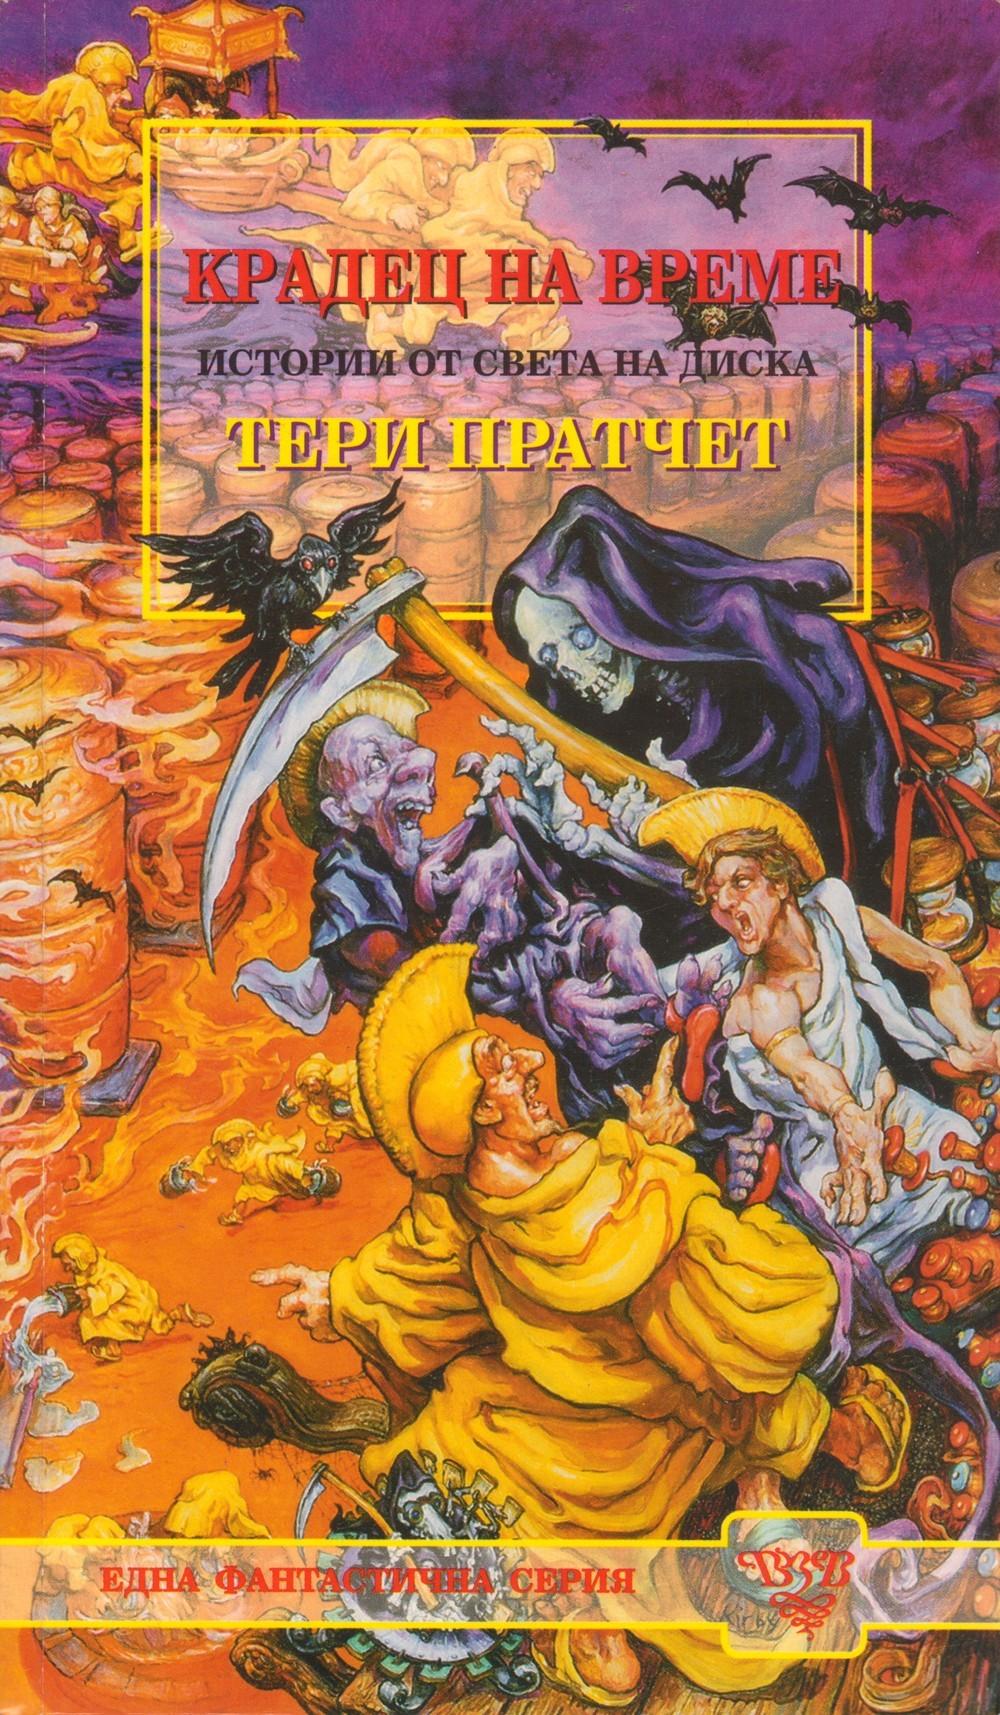 Крадец на време (Истории от Света на диска 26)